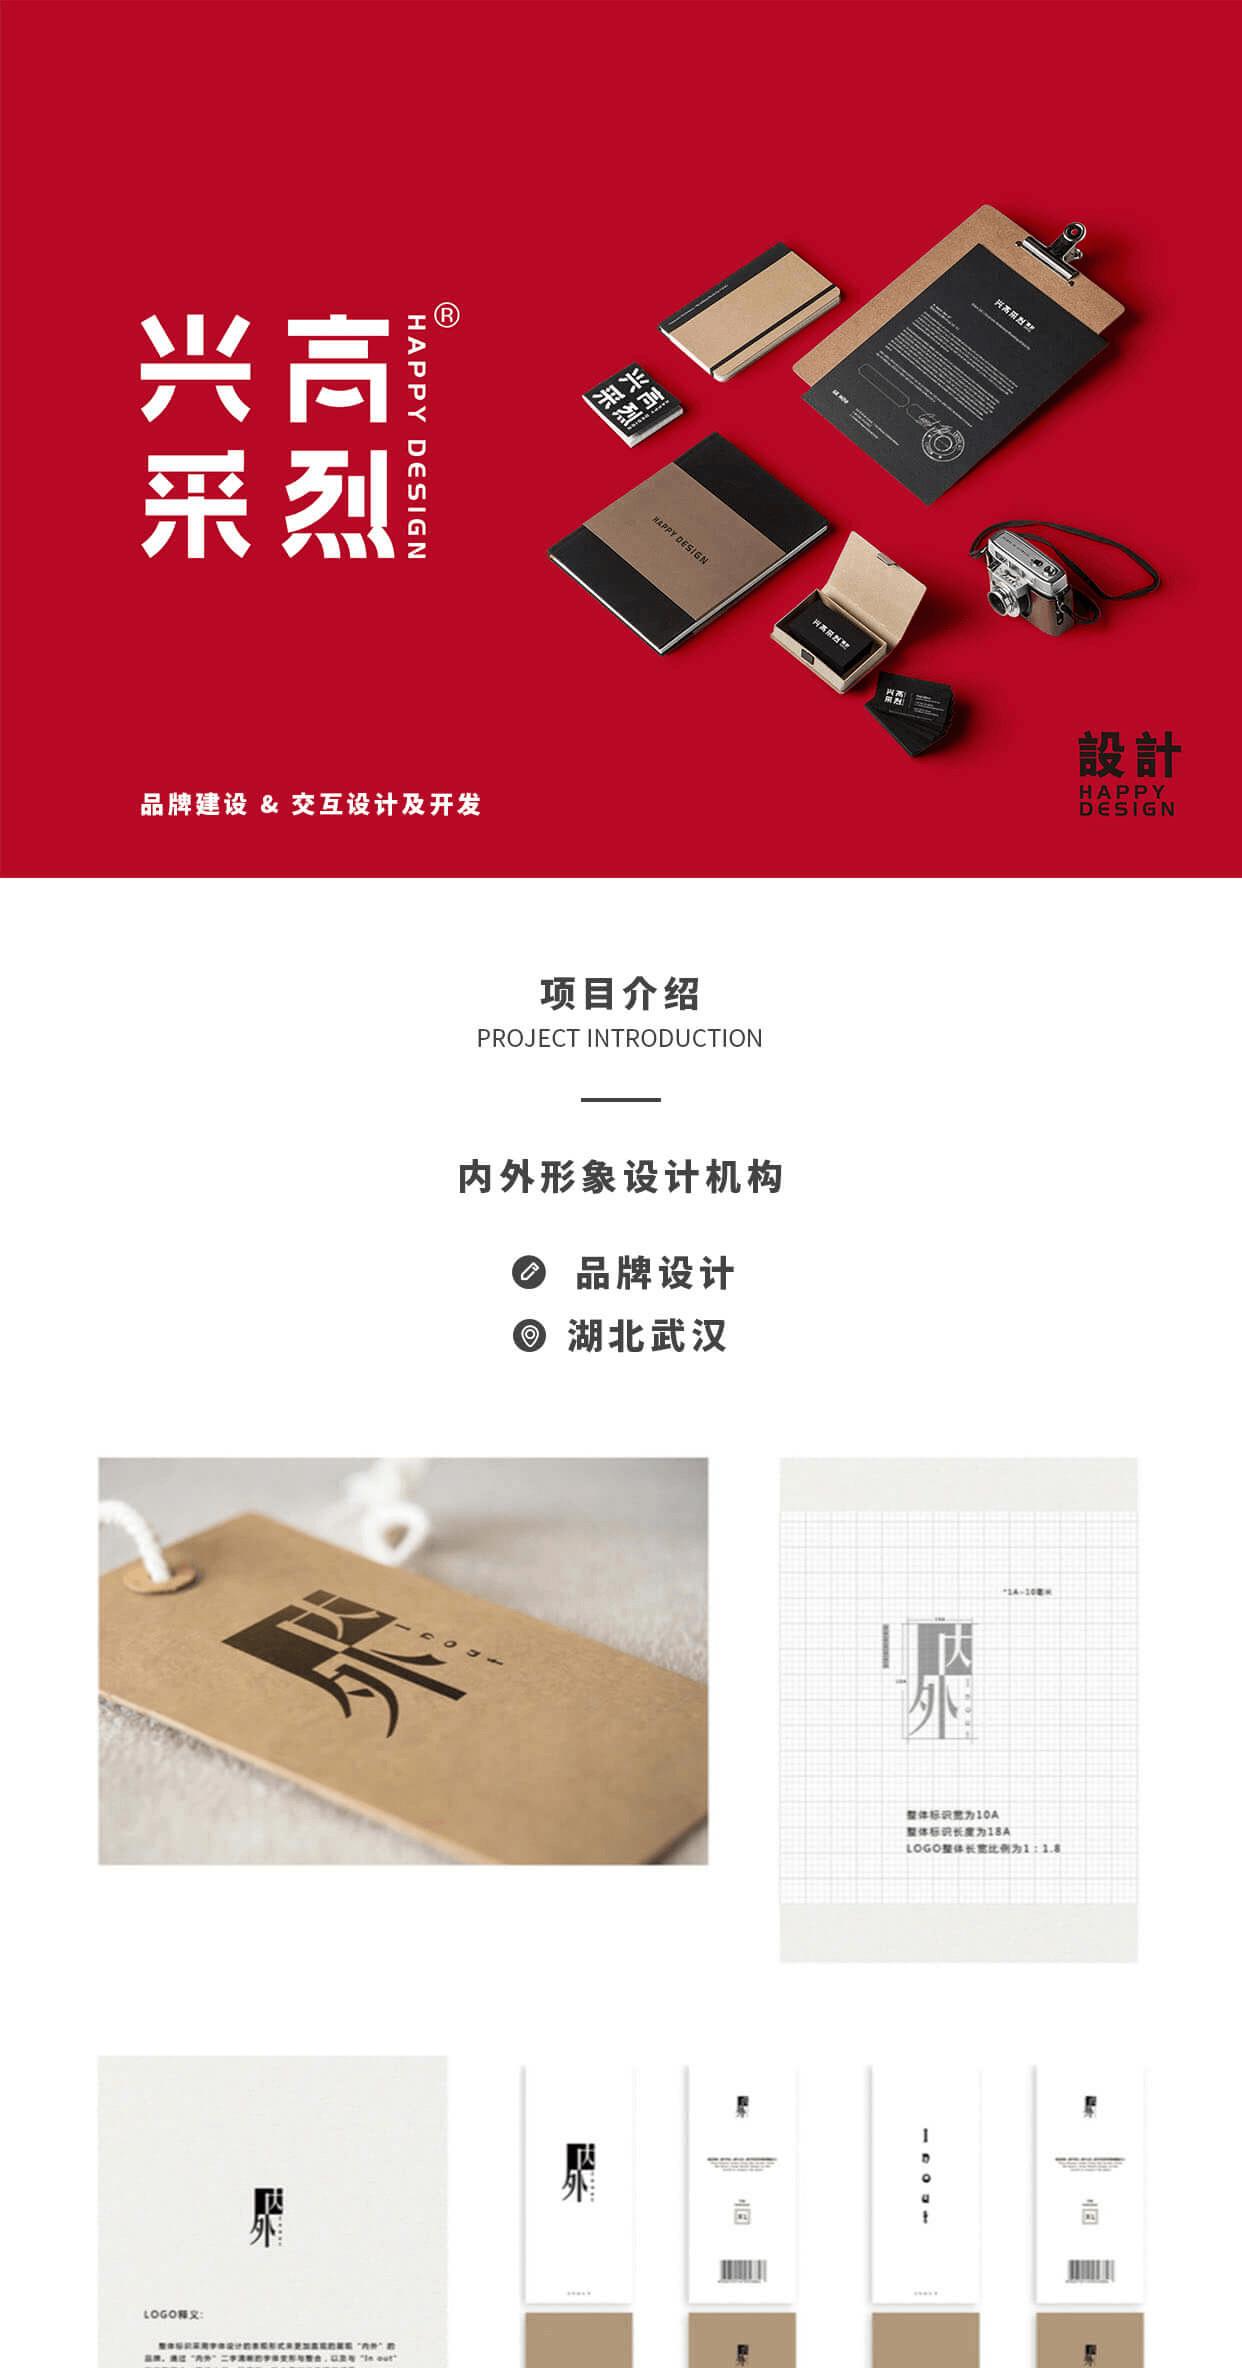 内外形象设计机构品牌全案设计